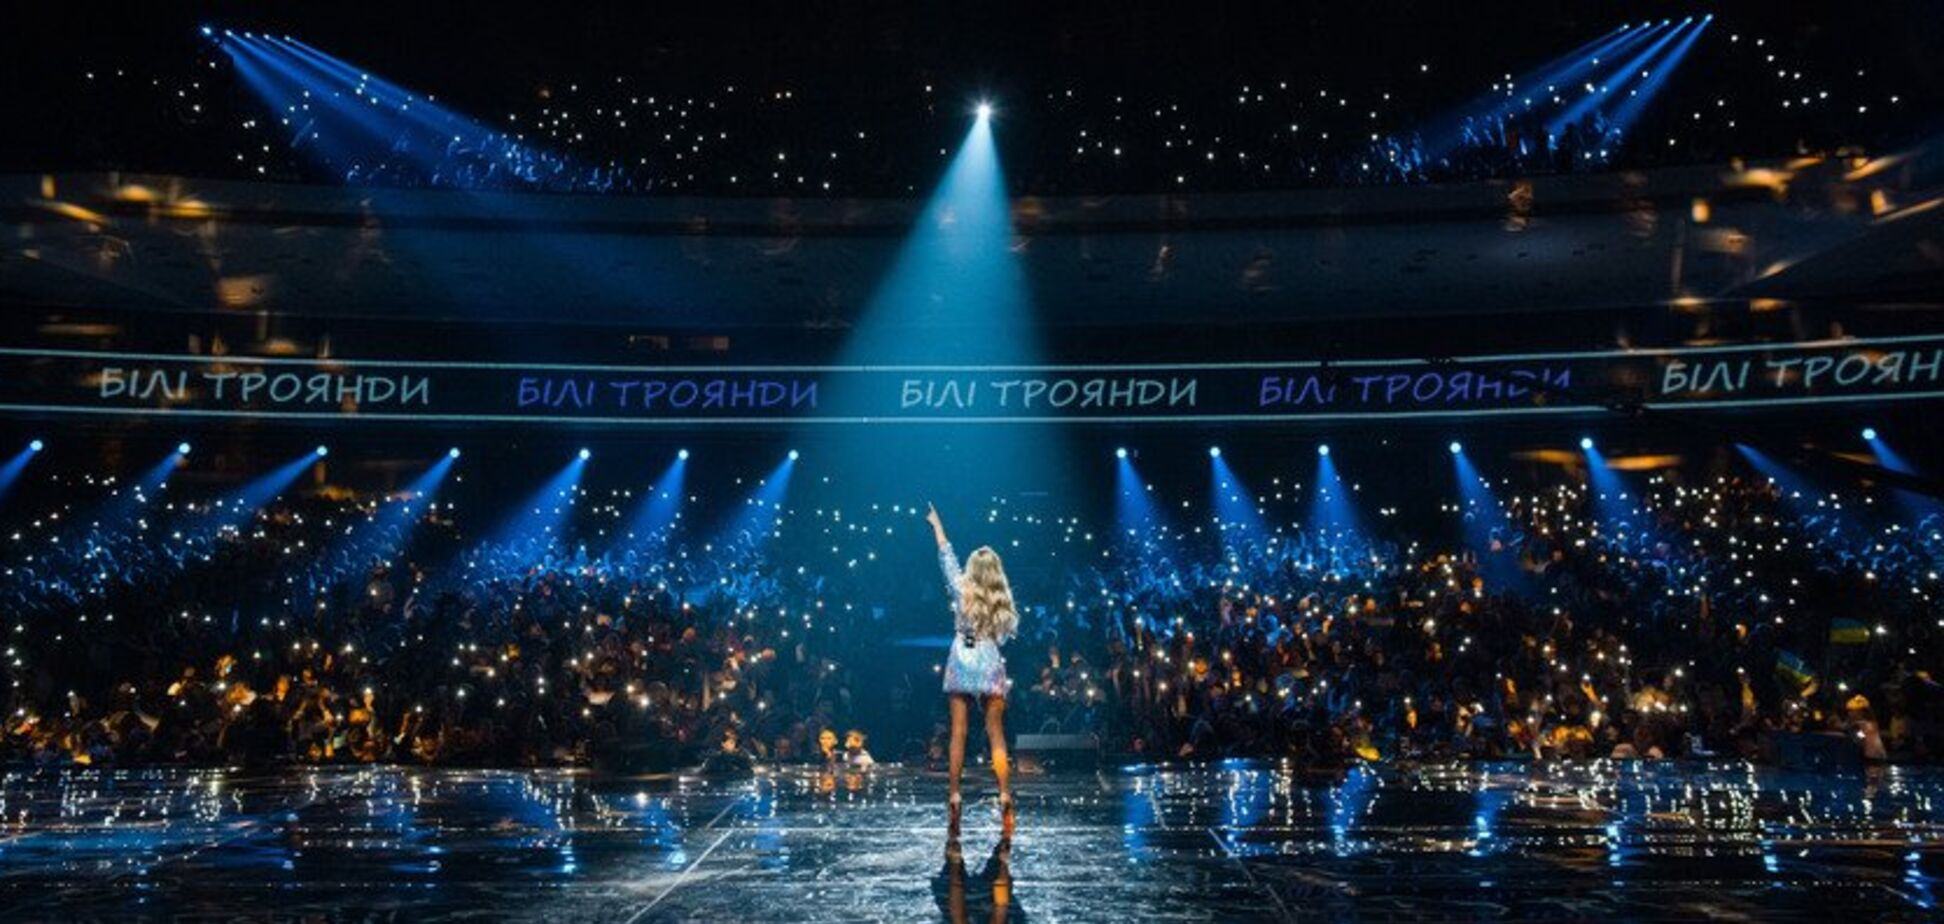 Ирина Федишин в рамках подготовки к шоу в Киеве презентовала новое видео 'Первый снег' на слова Сосюры